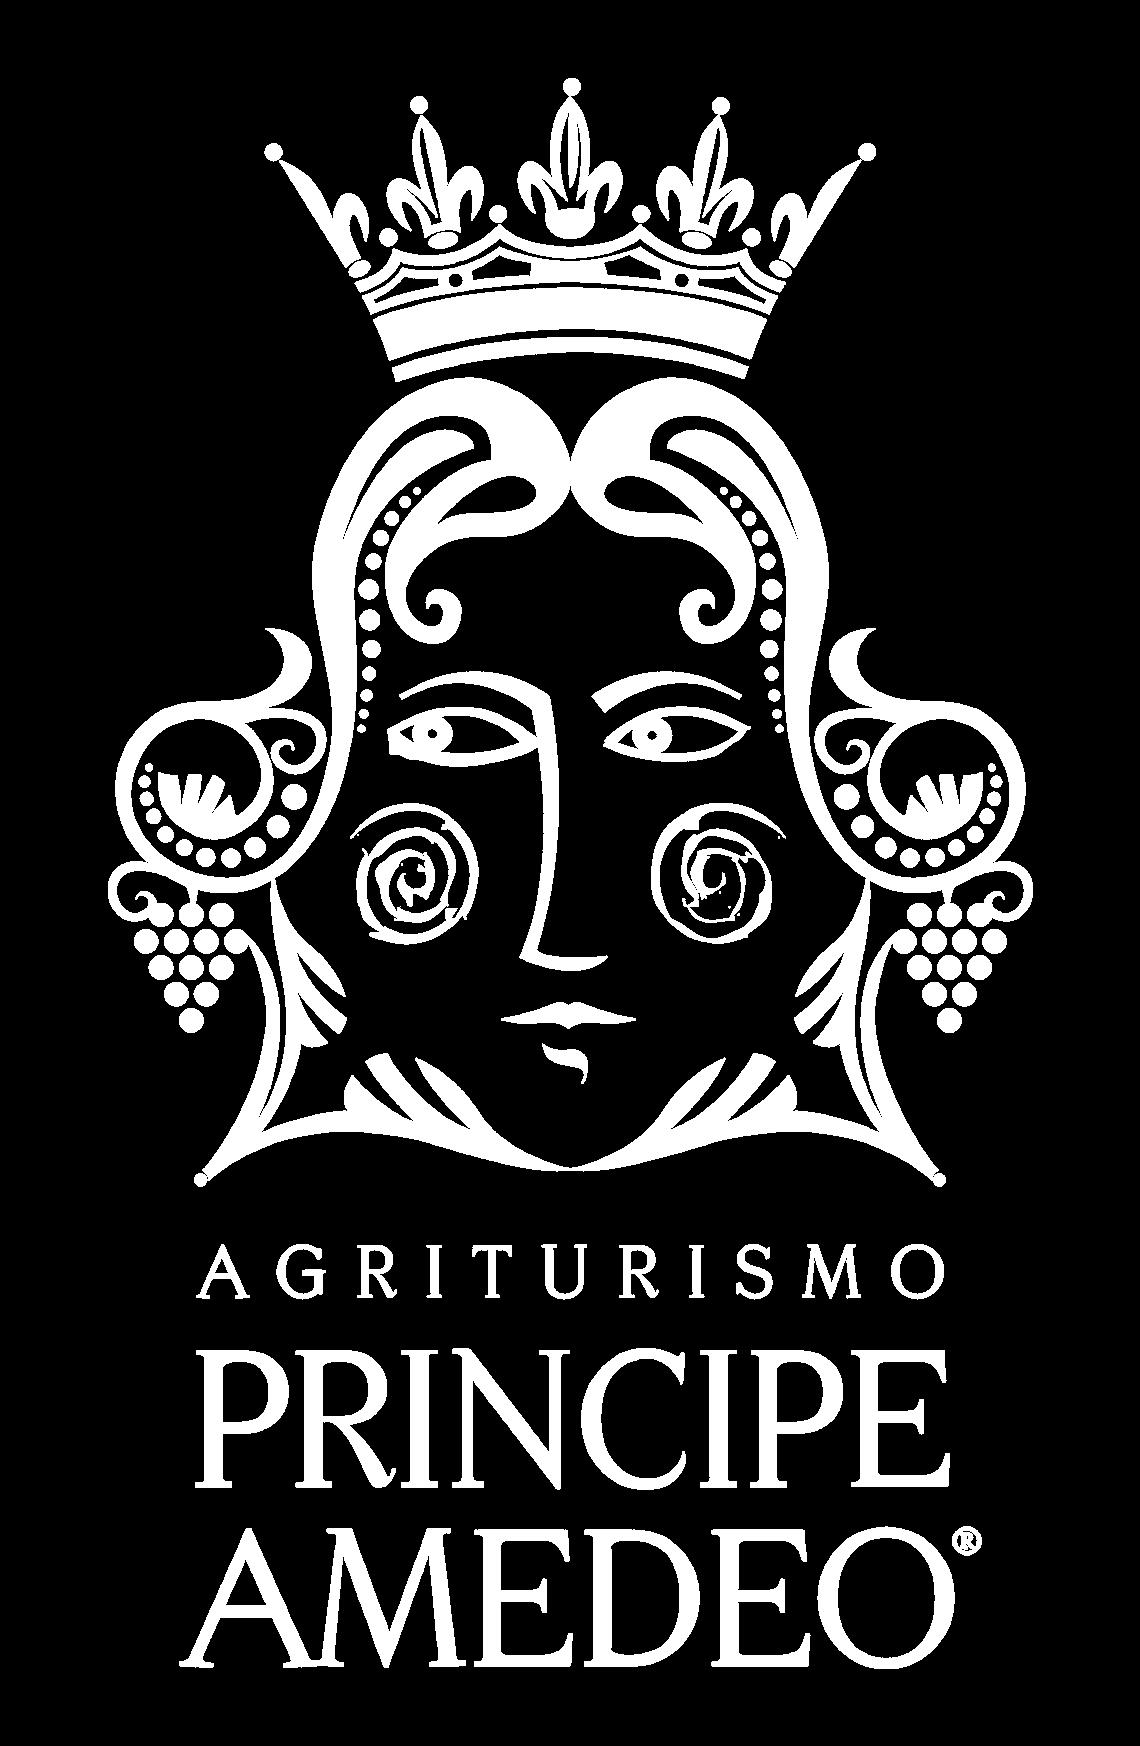 AGRITURISMO PRINCIPE AMEDEO